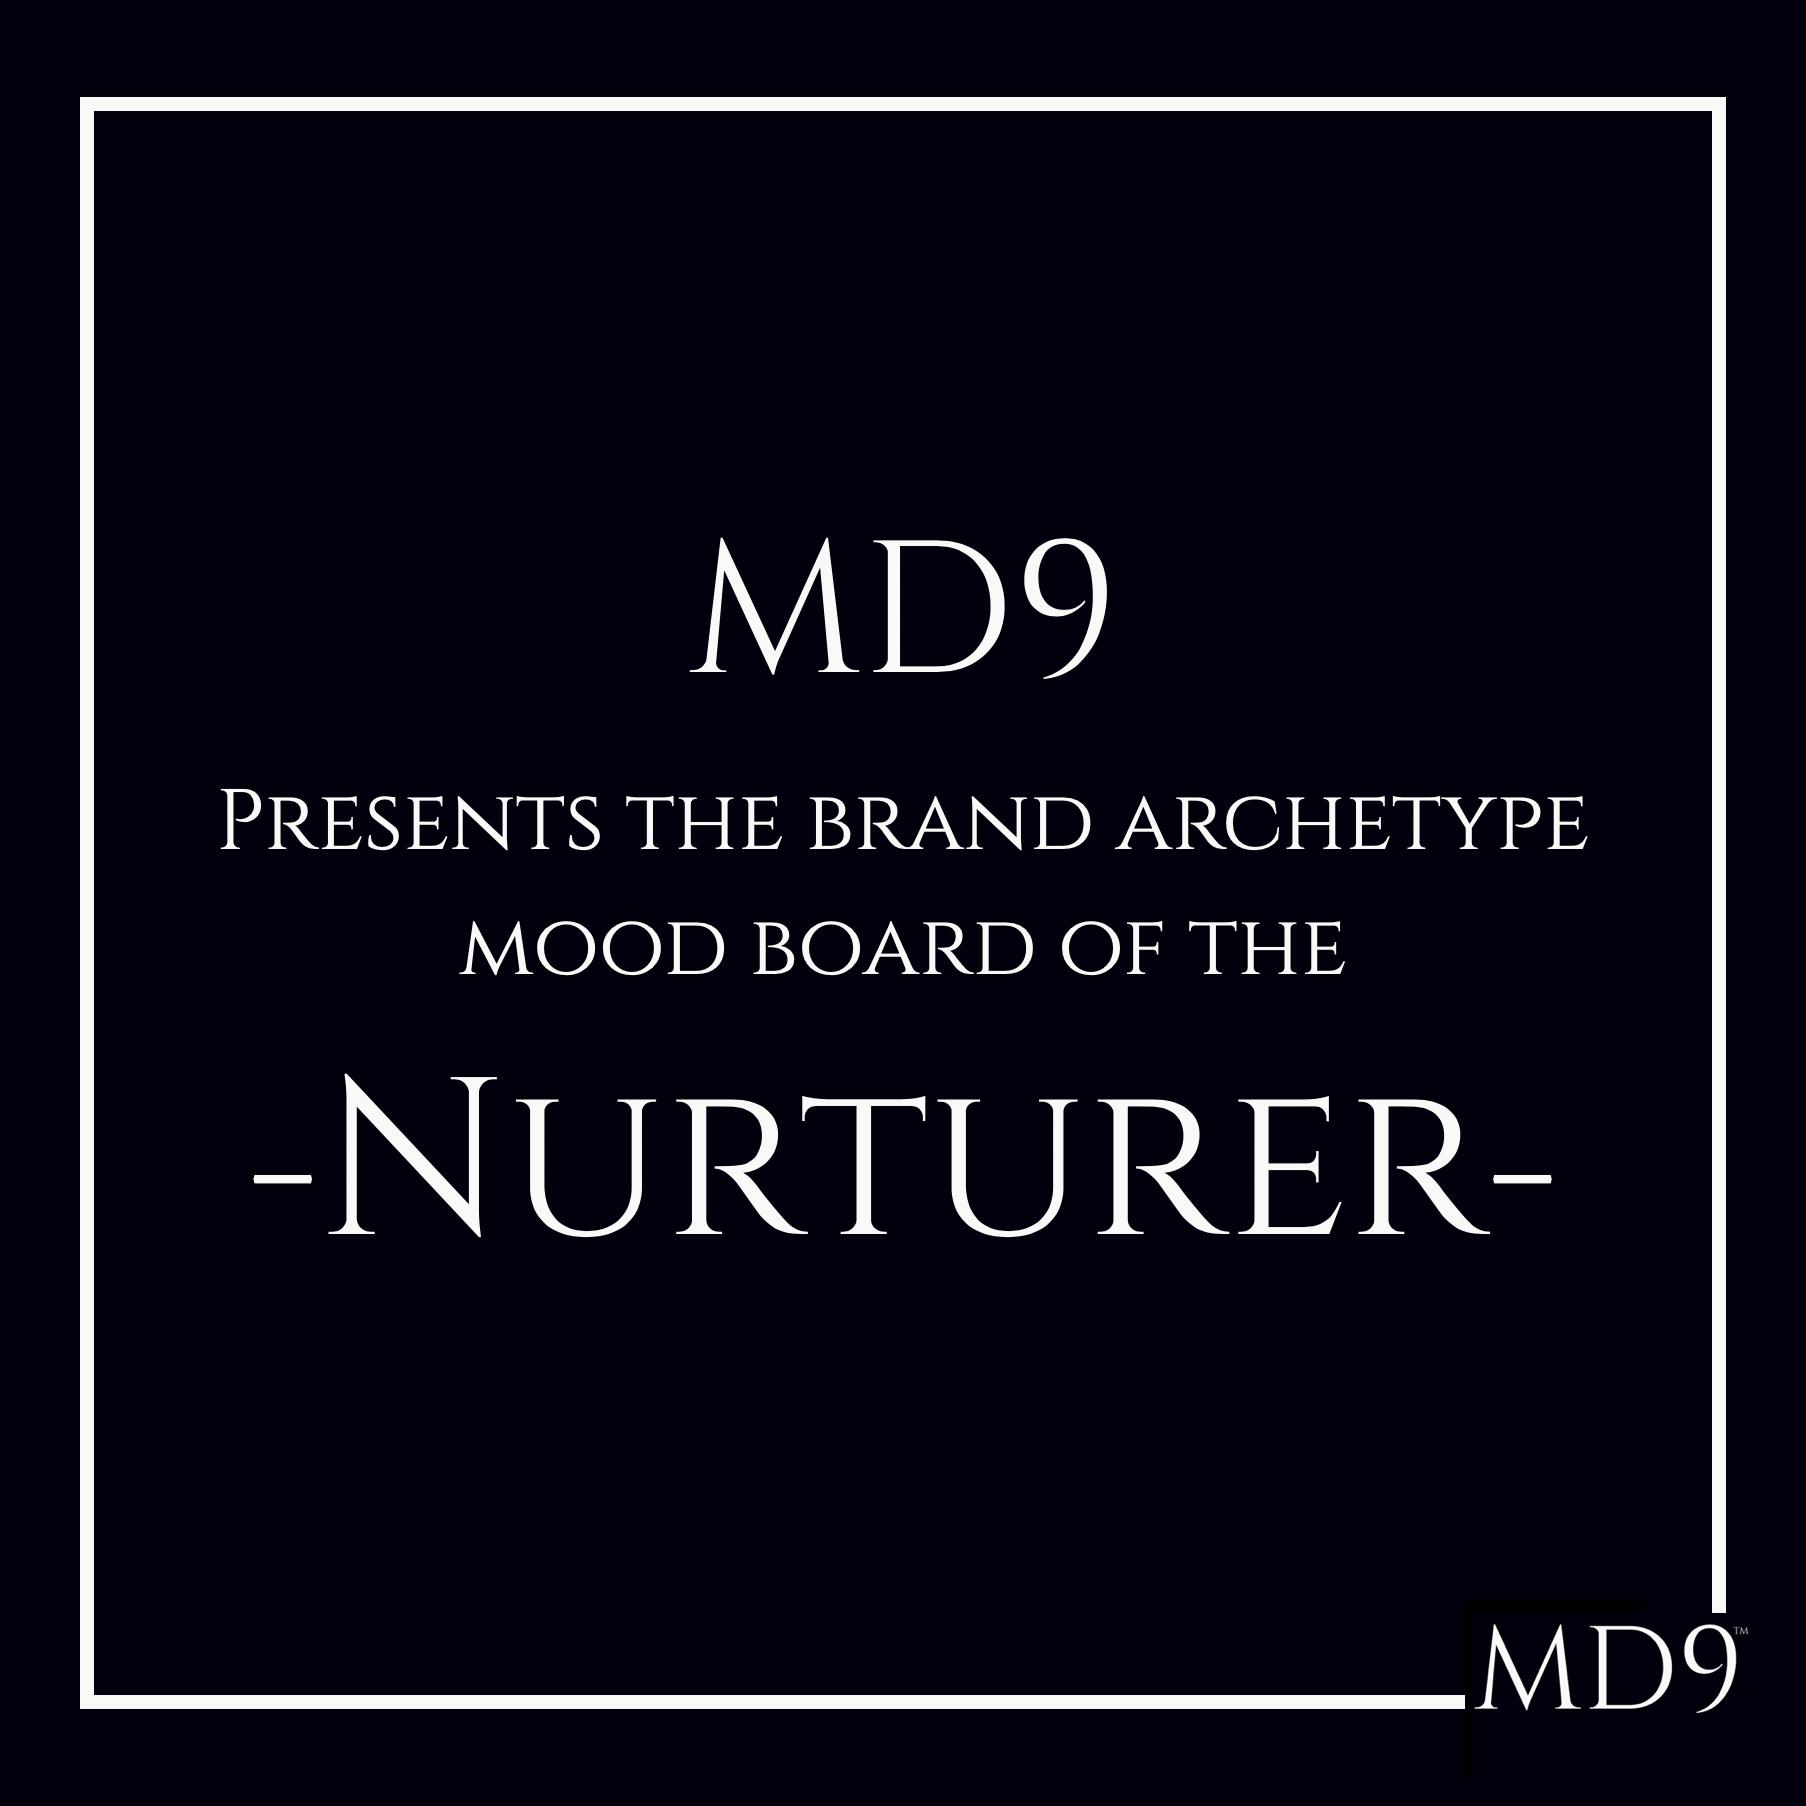 MD9's Brand Archetype Mood Board – Nurturer